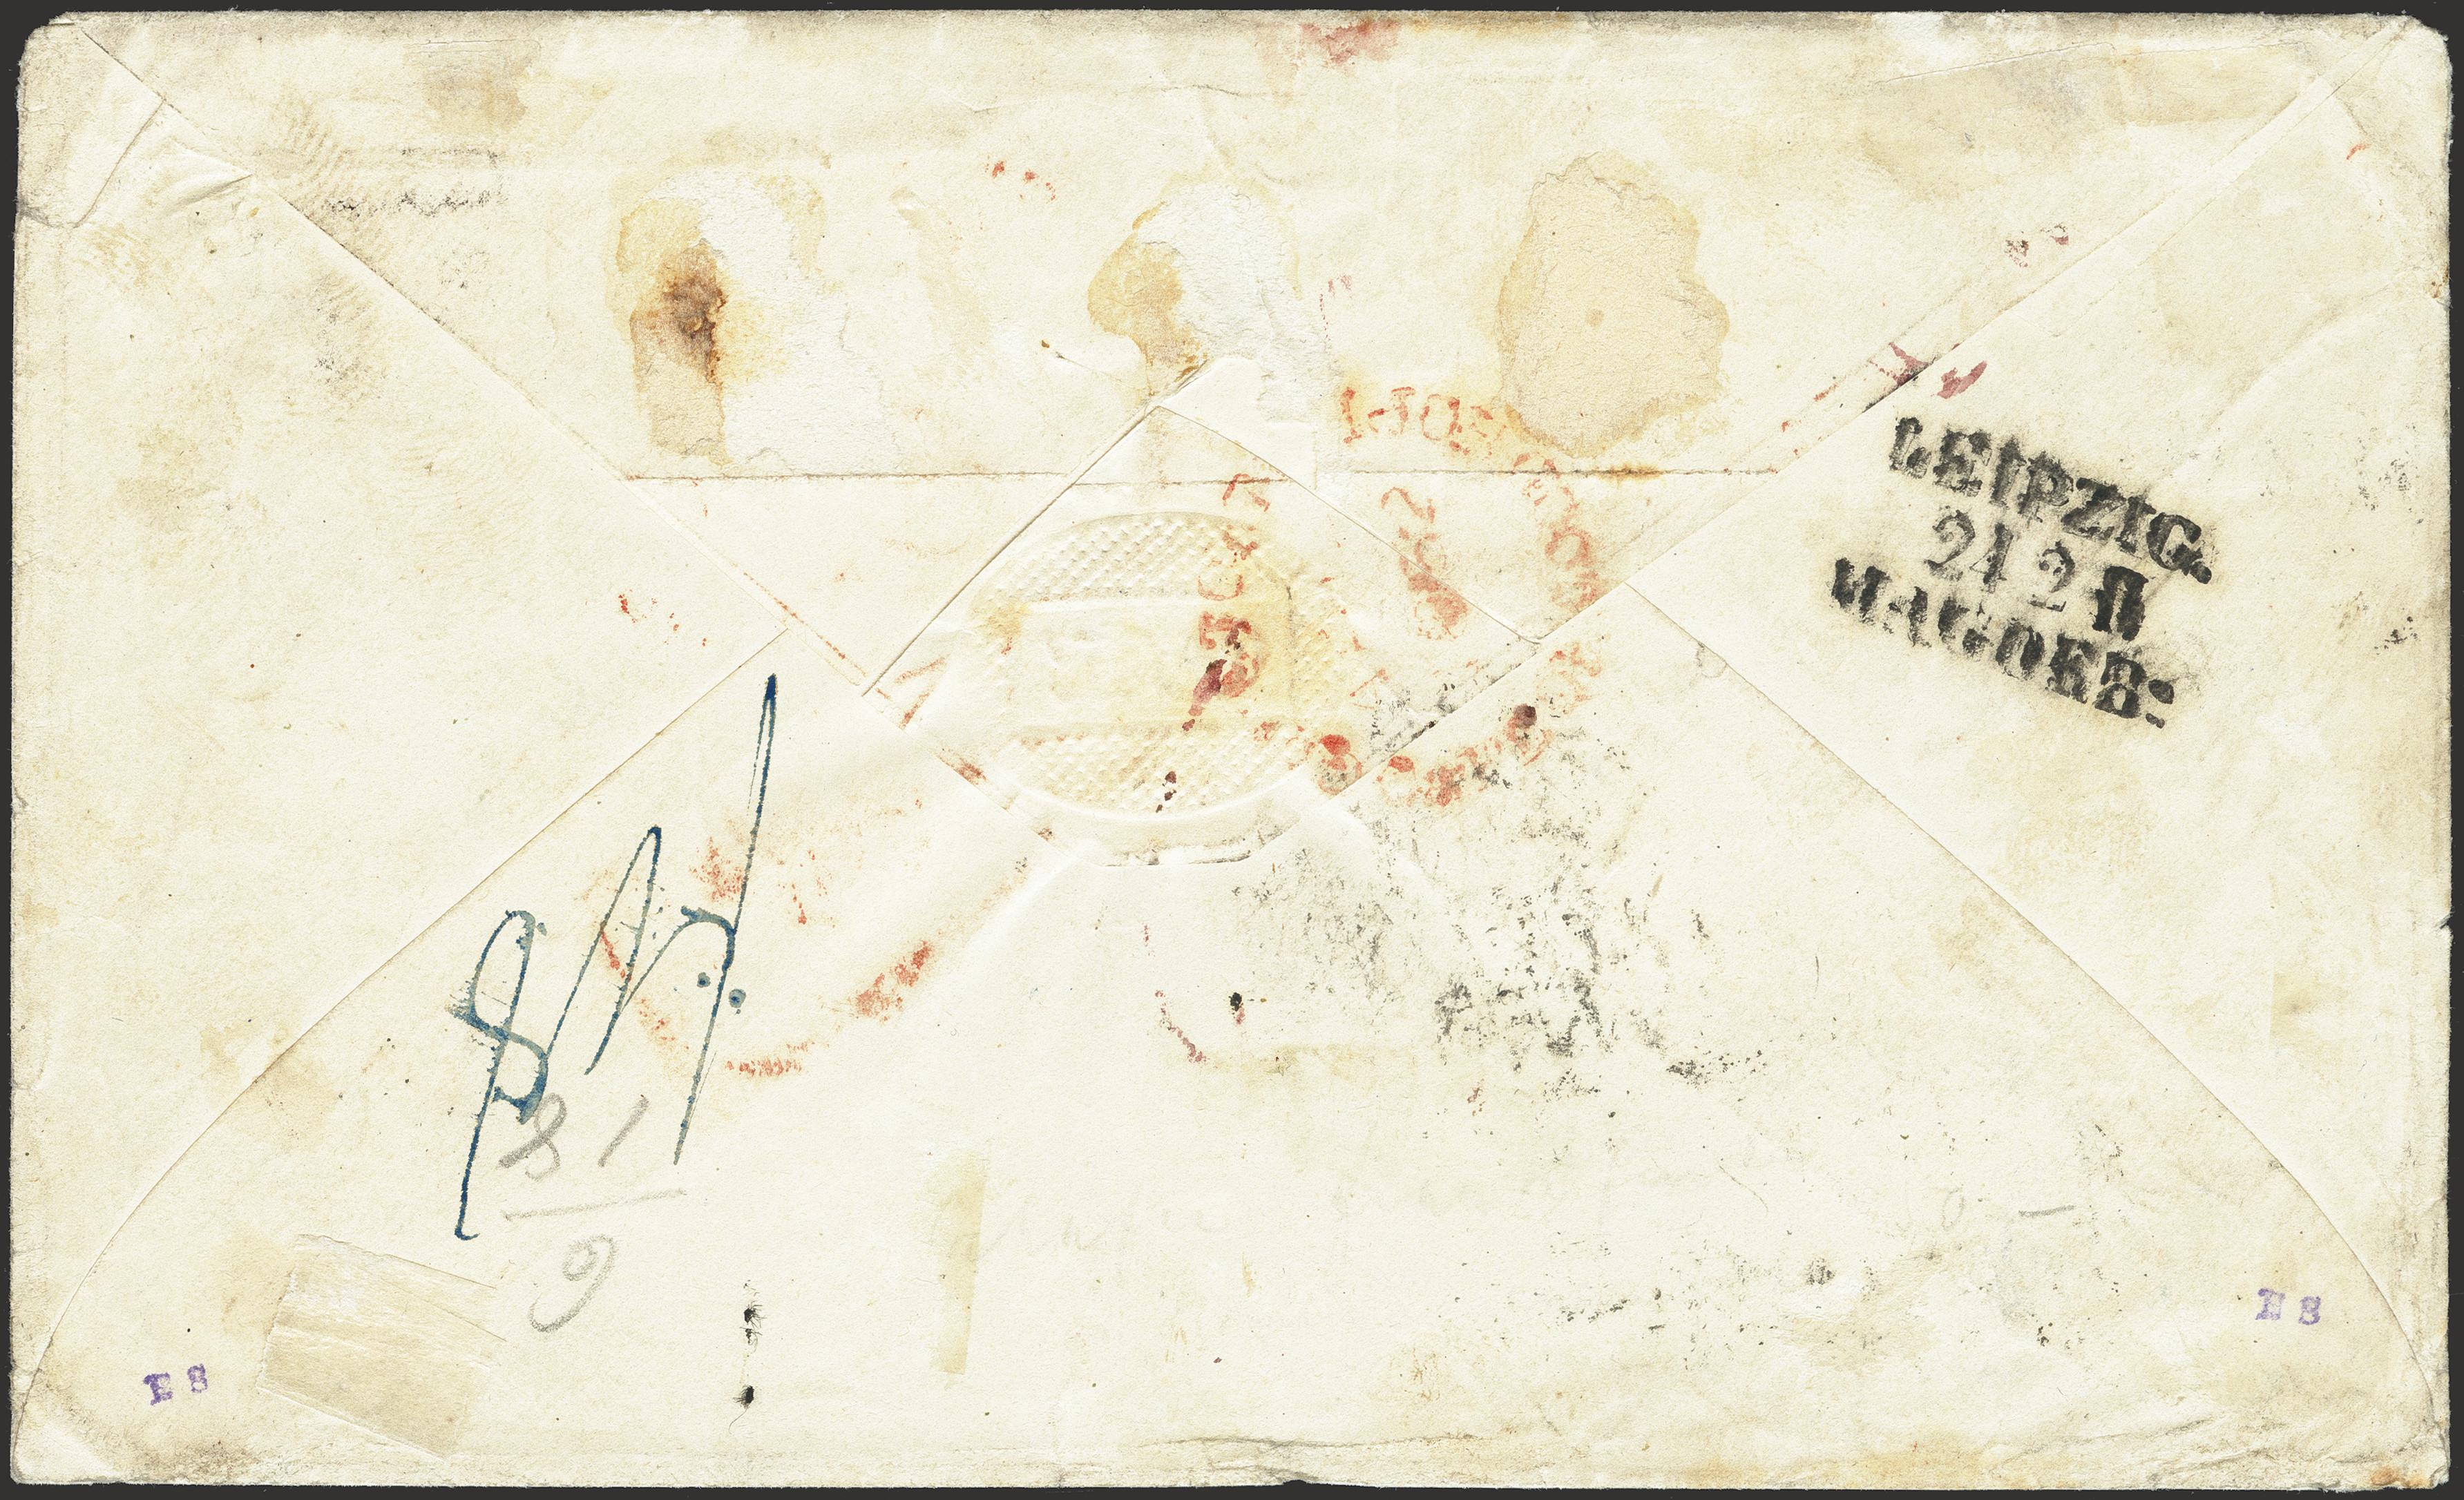 Lot 266 - german states saxony -  Heinrich Koehler Auktionen Heinrich Köhler Auction 376 - Day 6